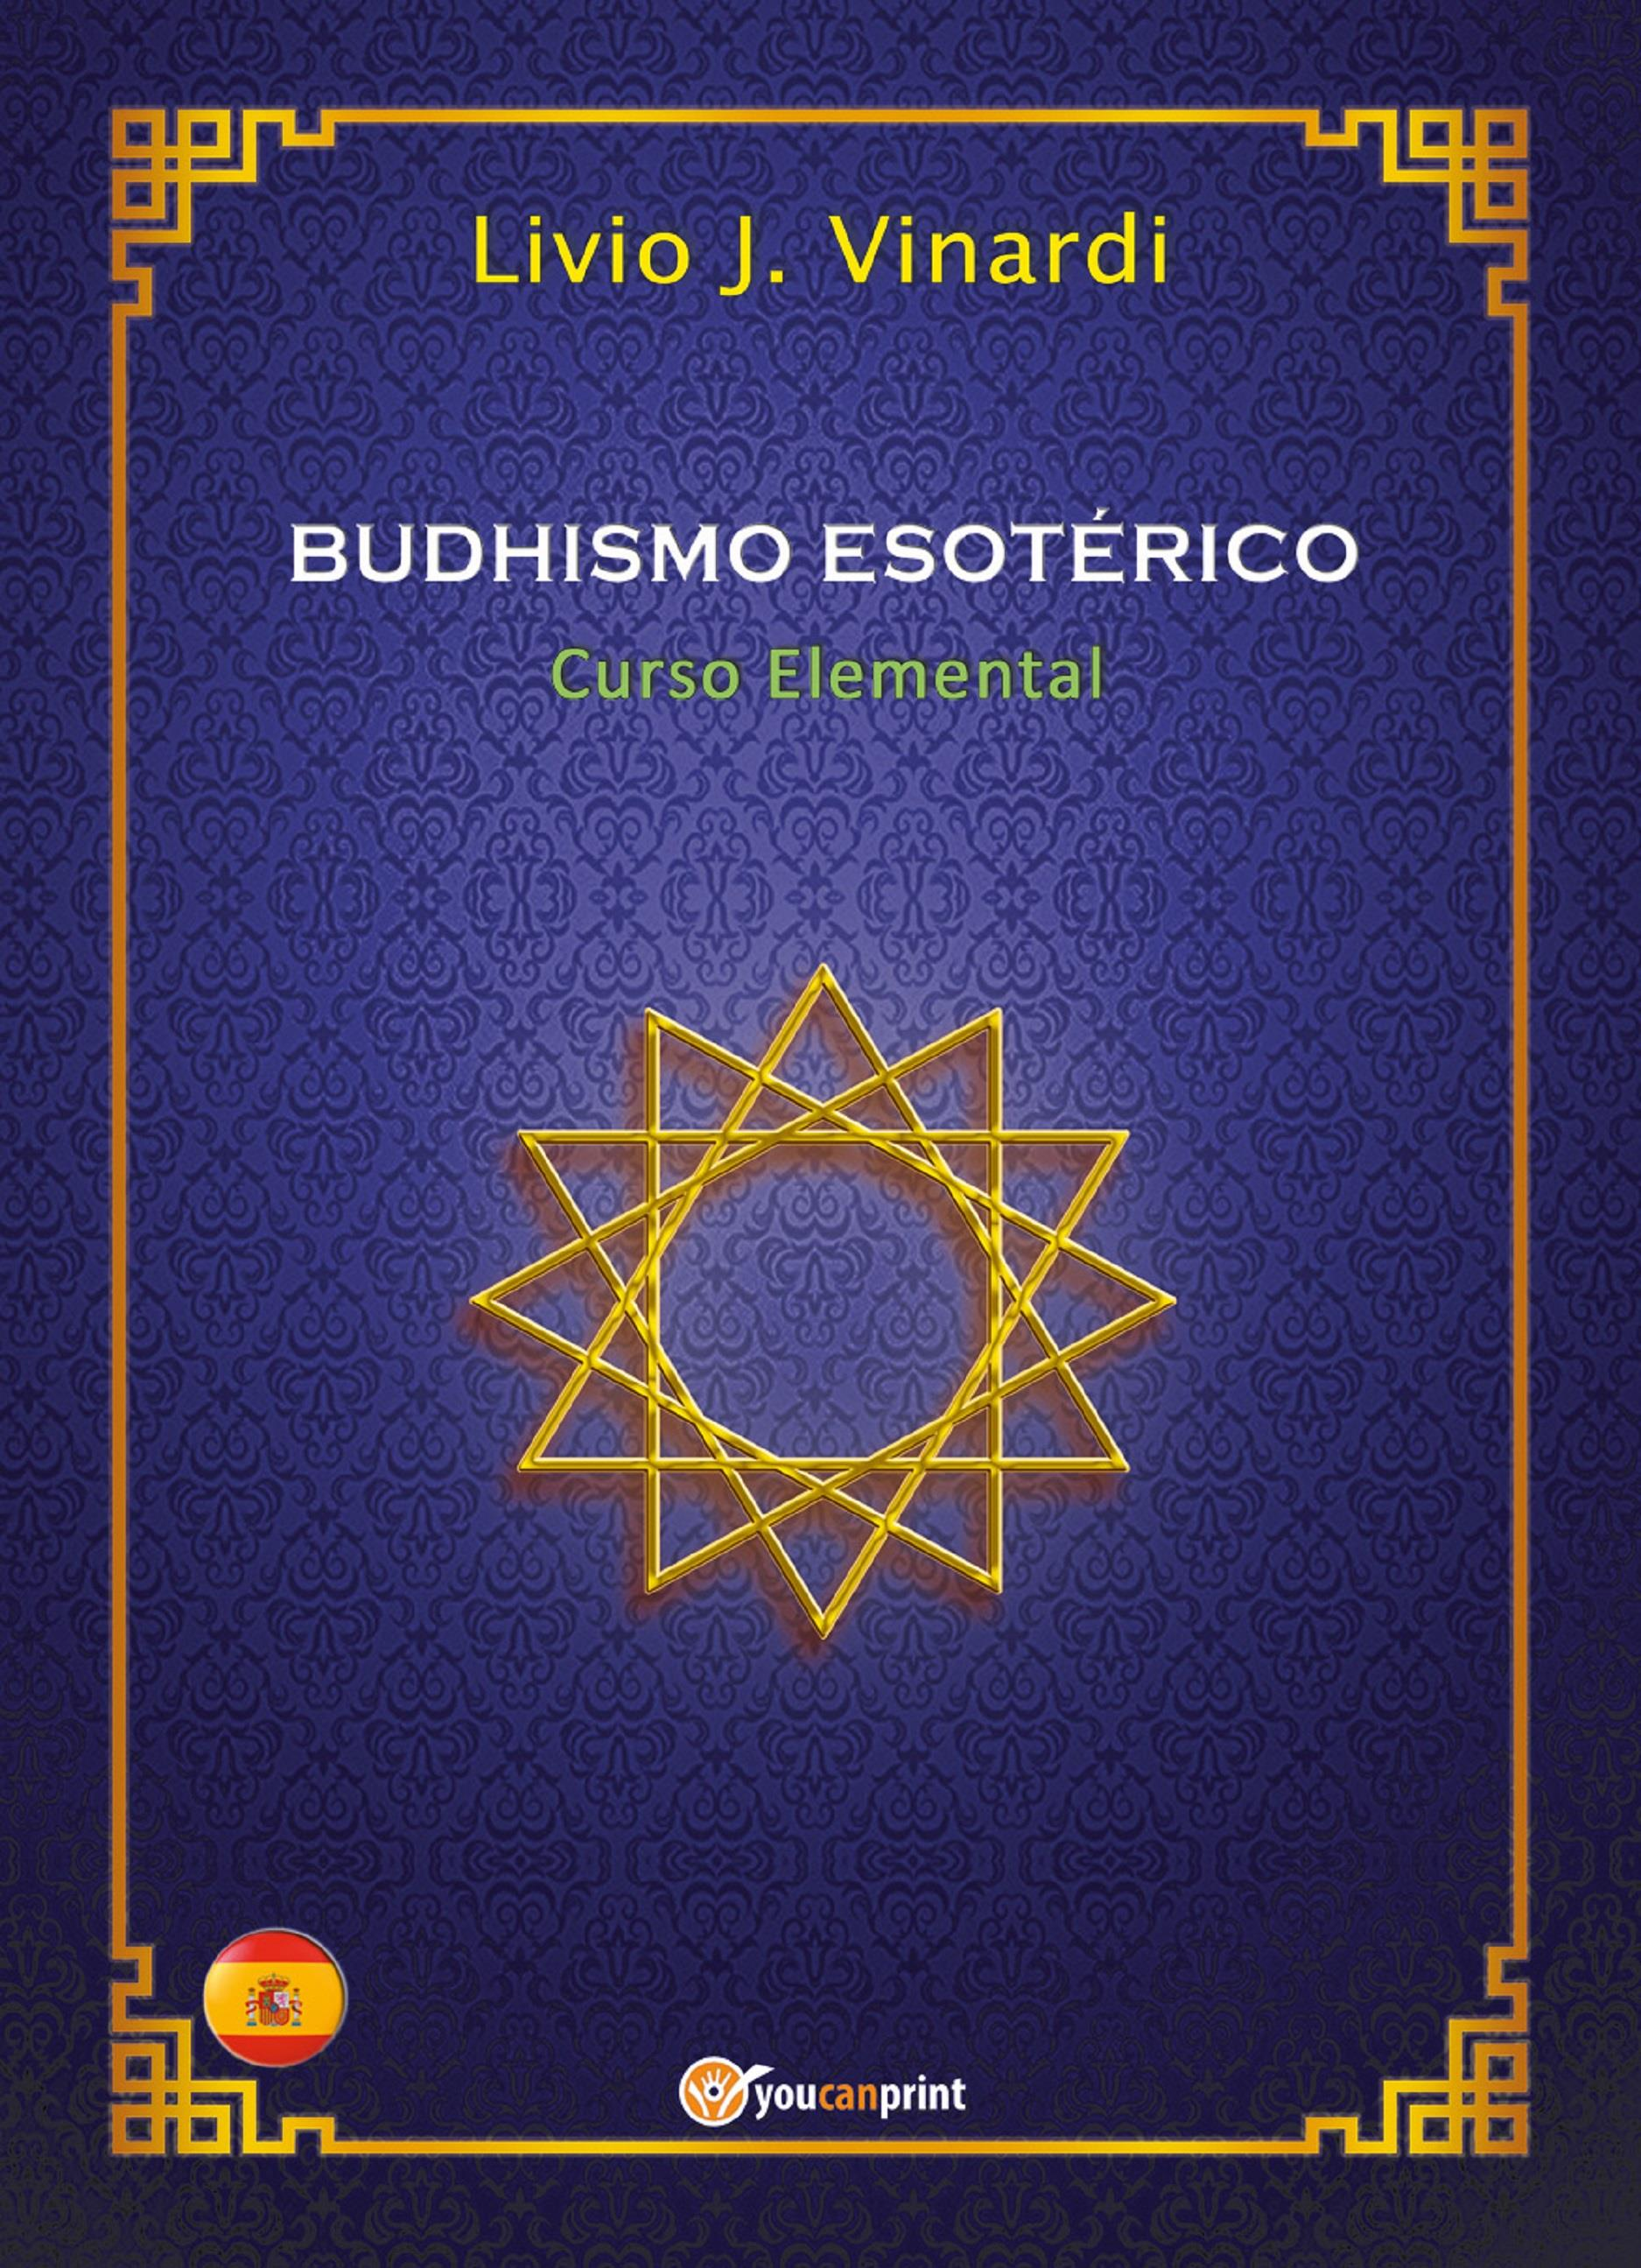 BUDHISMO ESOTÉRICO – Curso Elemental (EN ESPAÑOL)